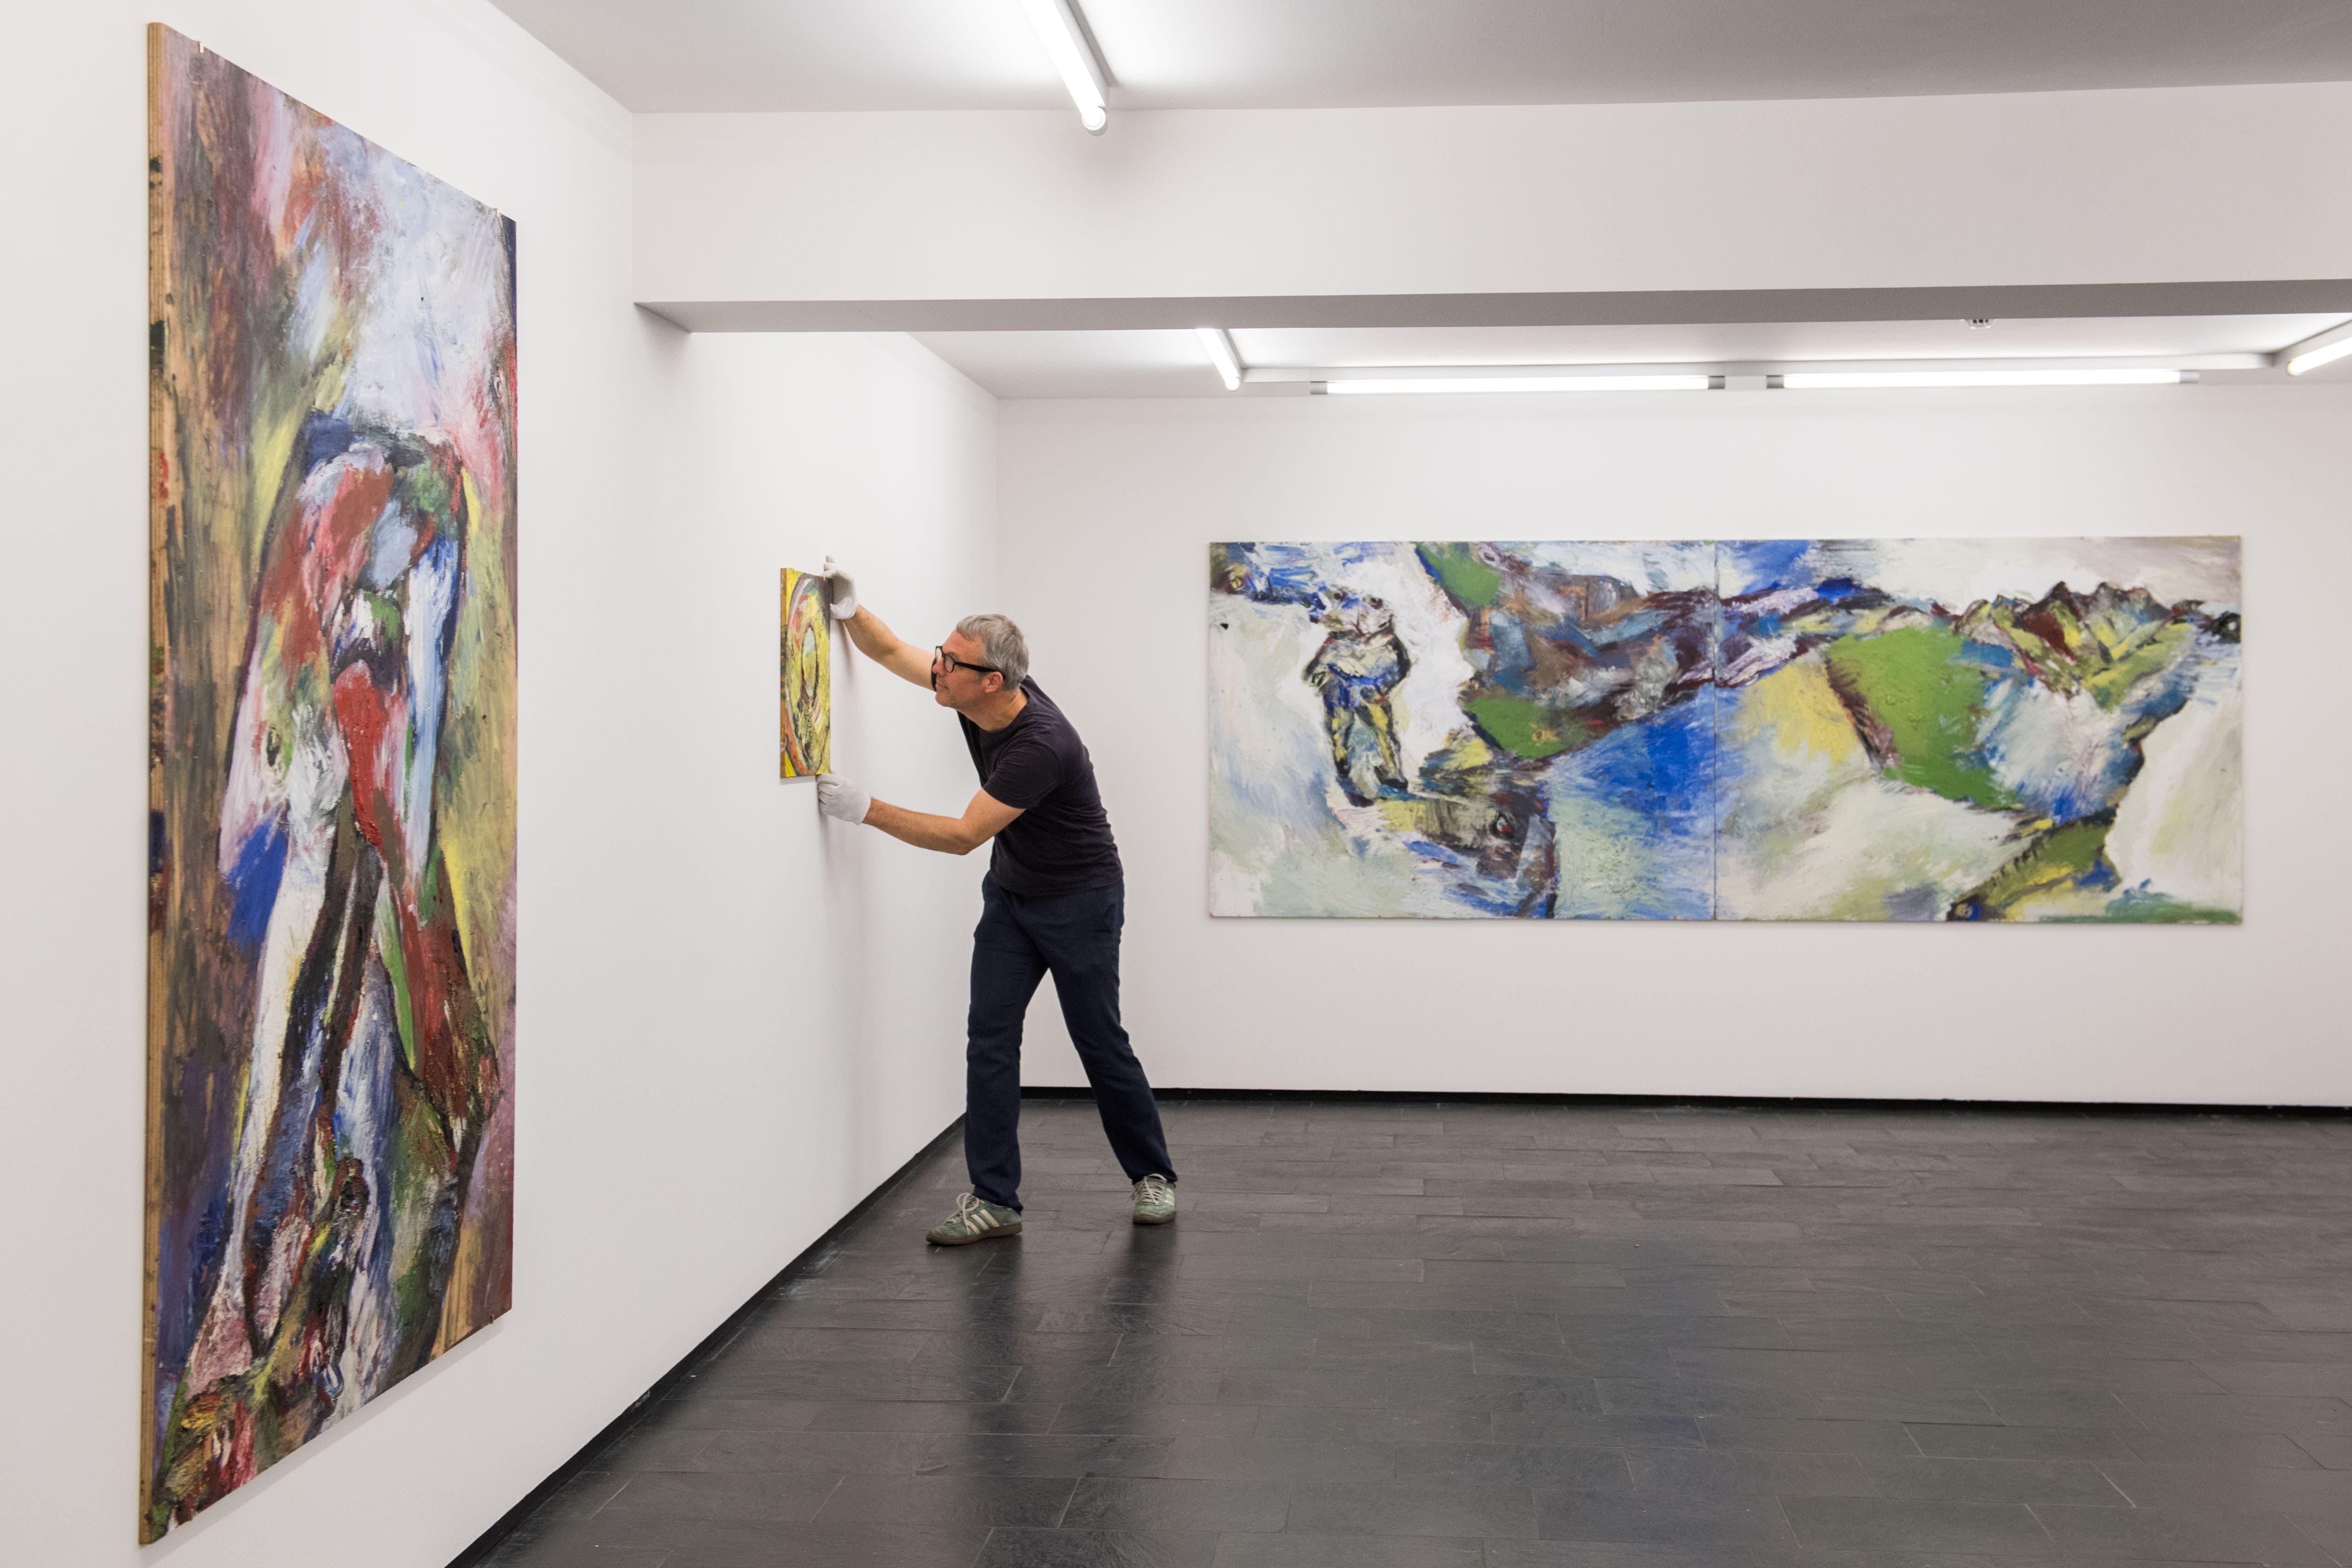 Bruno Murers Ölmalereien auf Holz bestechen mit Energie, Leuchtkraft und Farbästhetik.